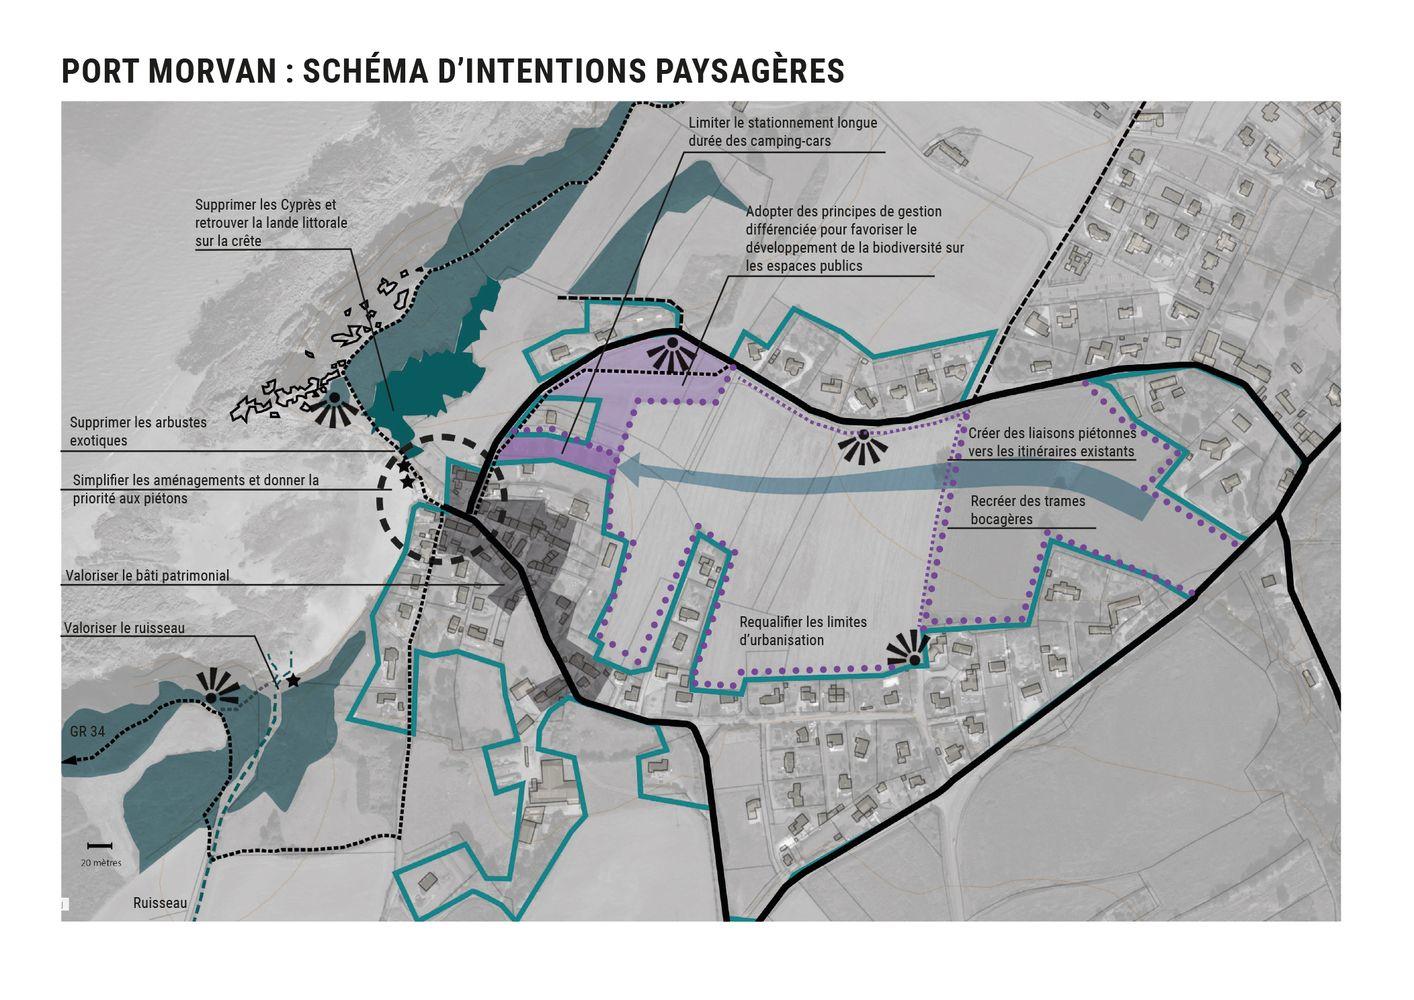 Valorisation site Port Morvan schéma d'intentions paysagères - Atelier INEX